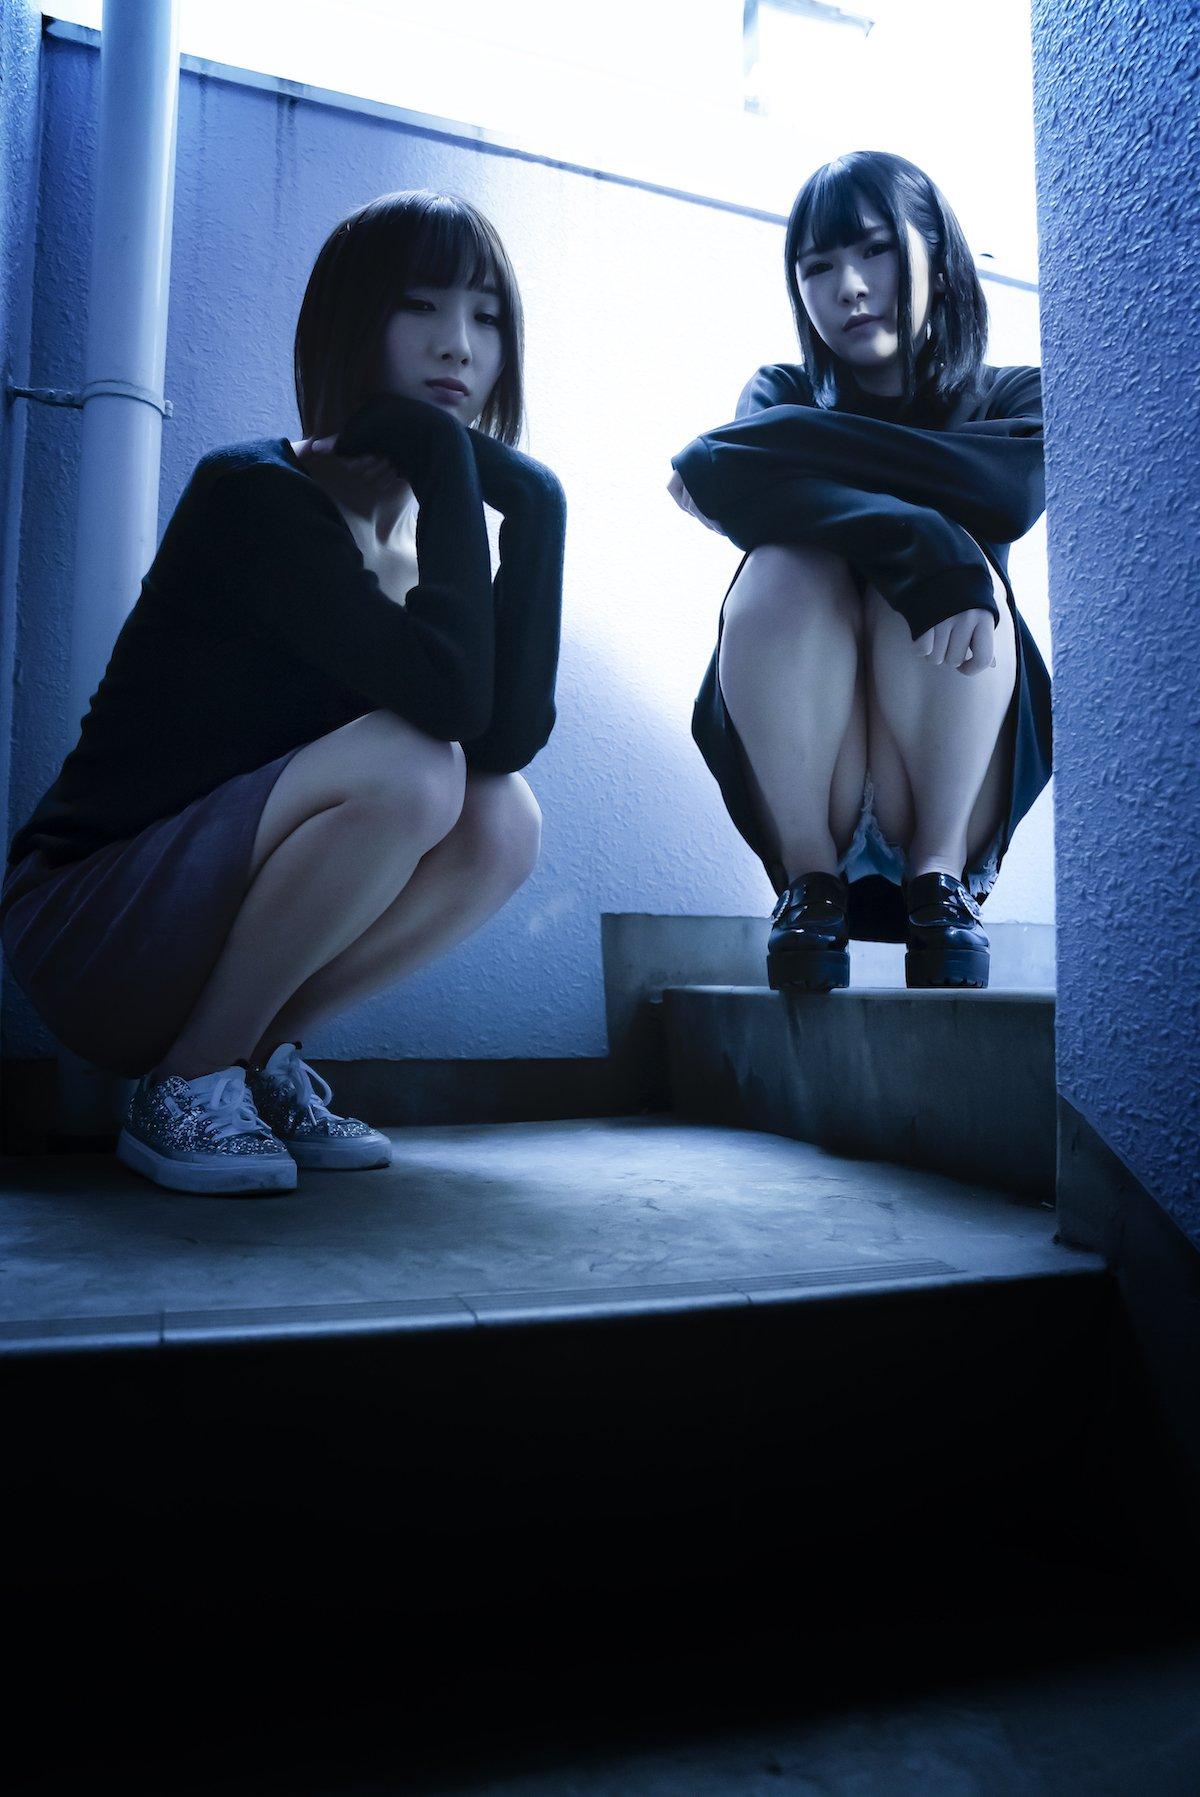 東堂りさ&櫻あみか「キケンな距離感」女の子同士の甘酸っぱい青春【画像13枚】の画像010